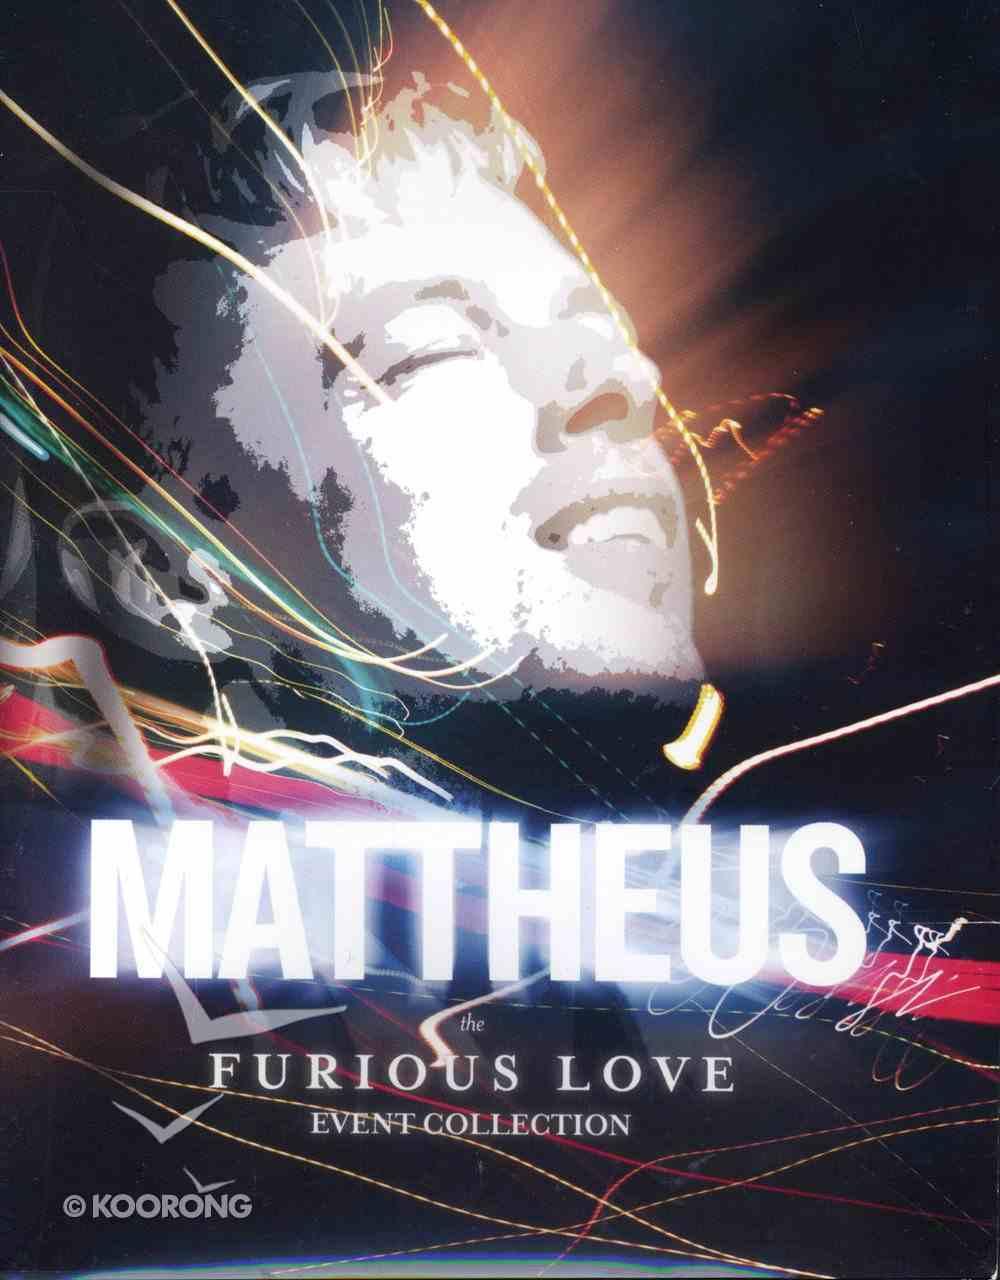 Furious Love Event: Mattheus Van Der Steen DVD